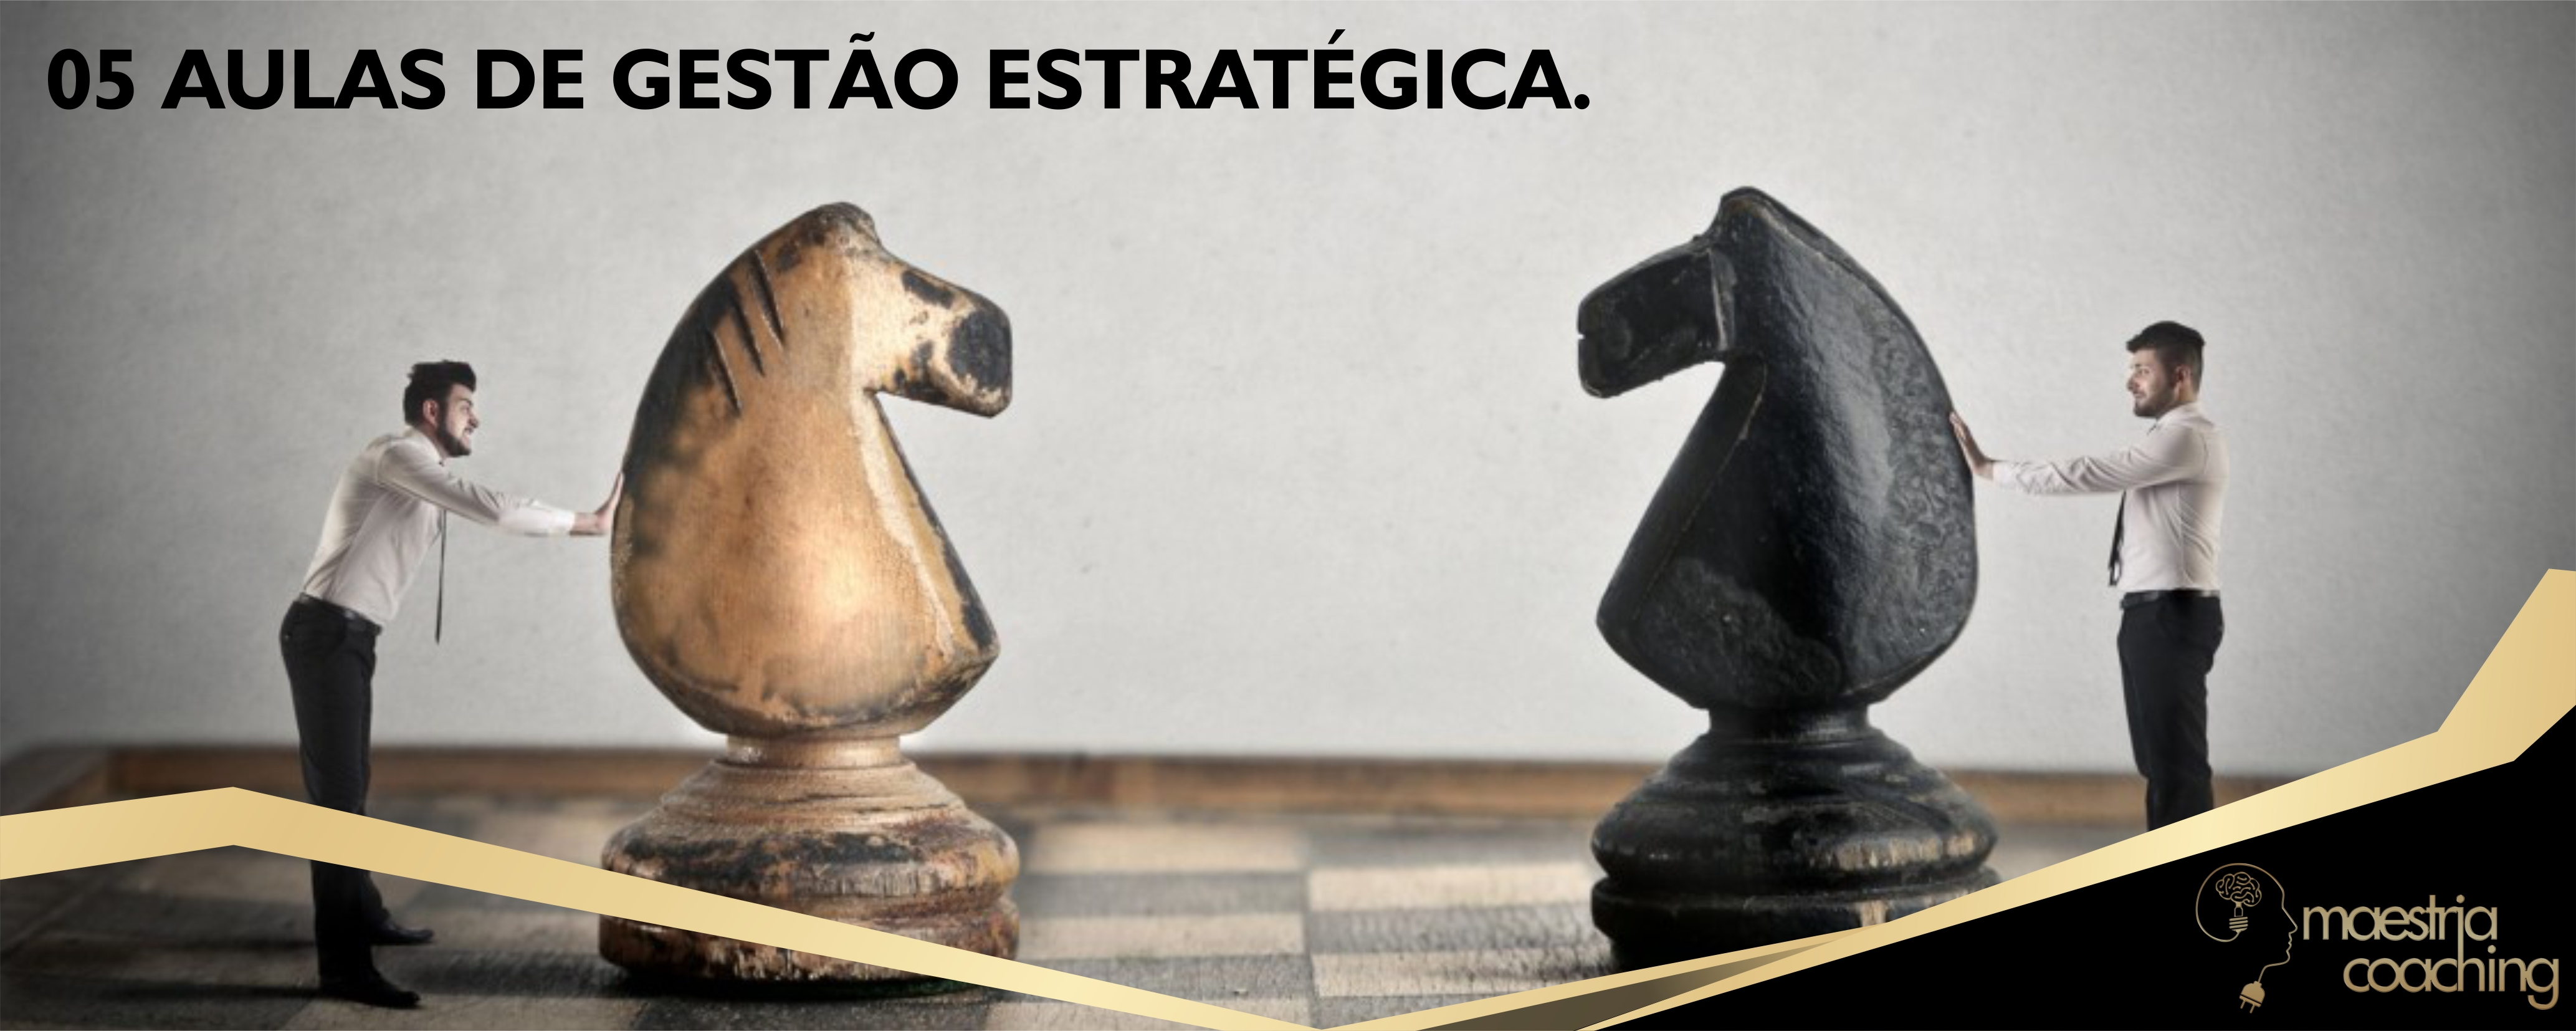 05 AULAS DE GESTÃO ESTRATÉGICA.